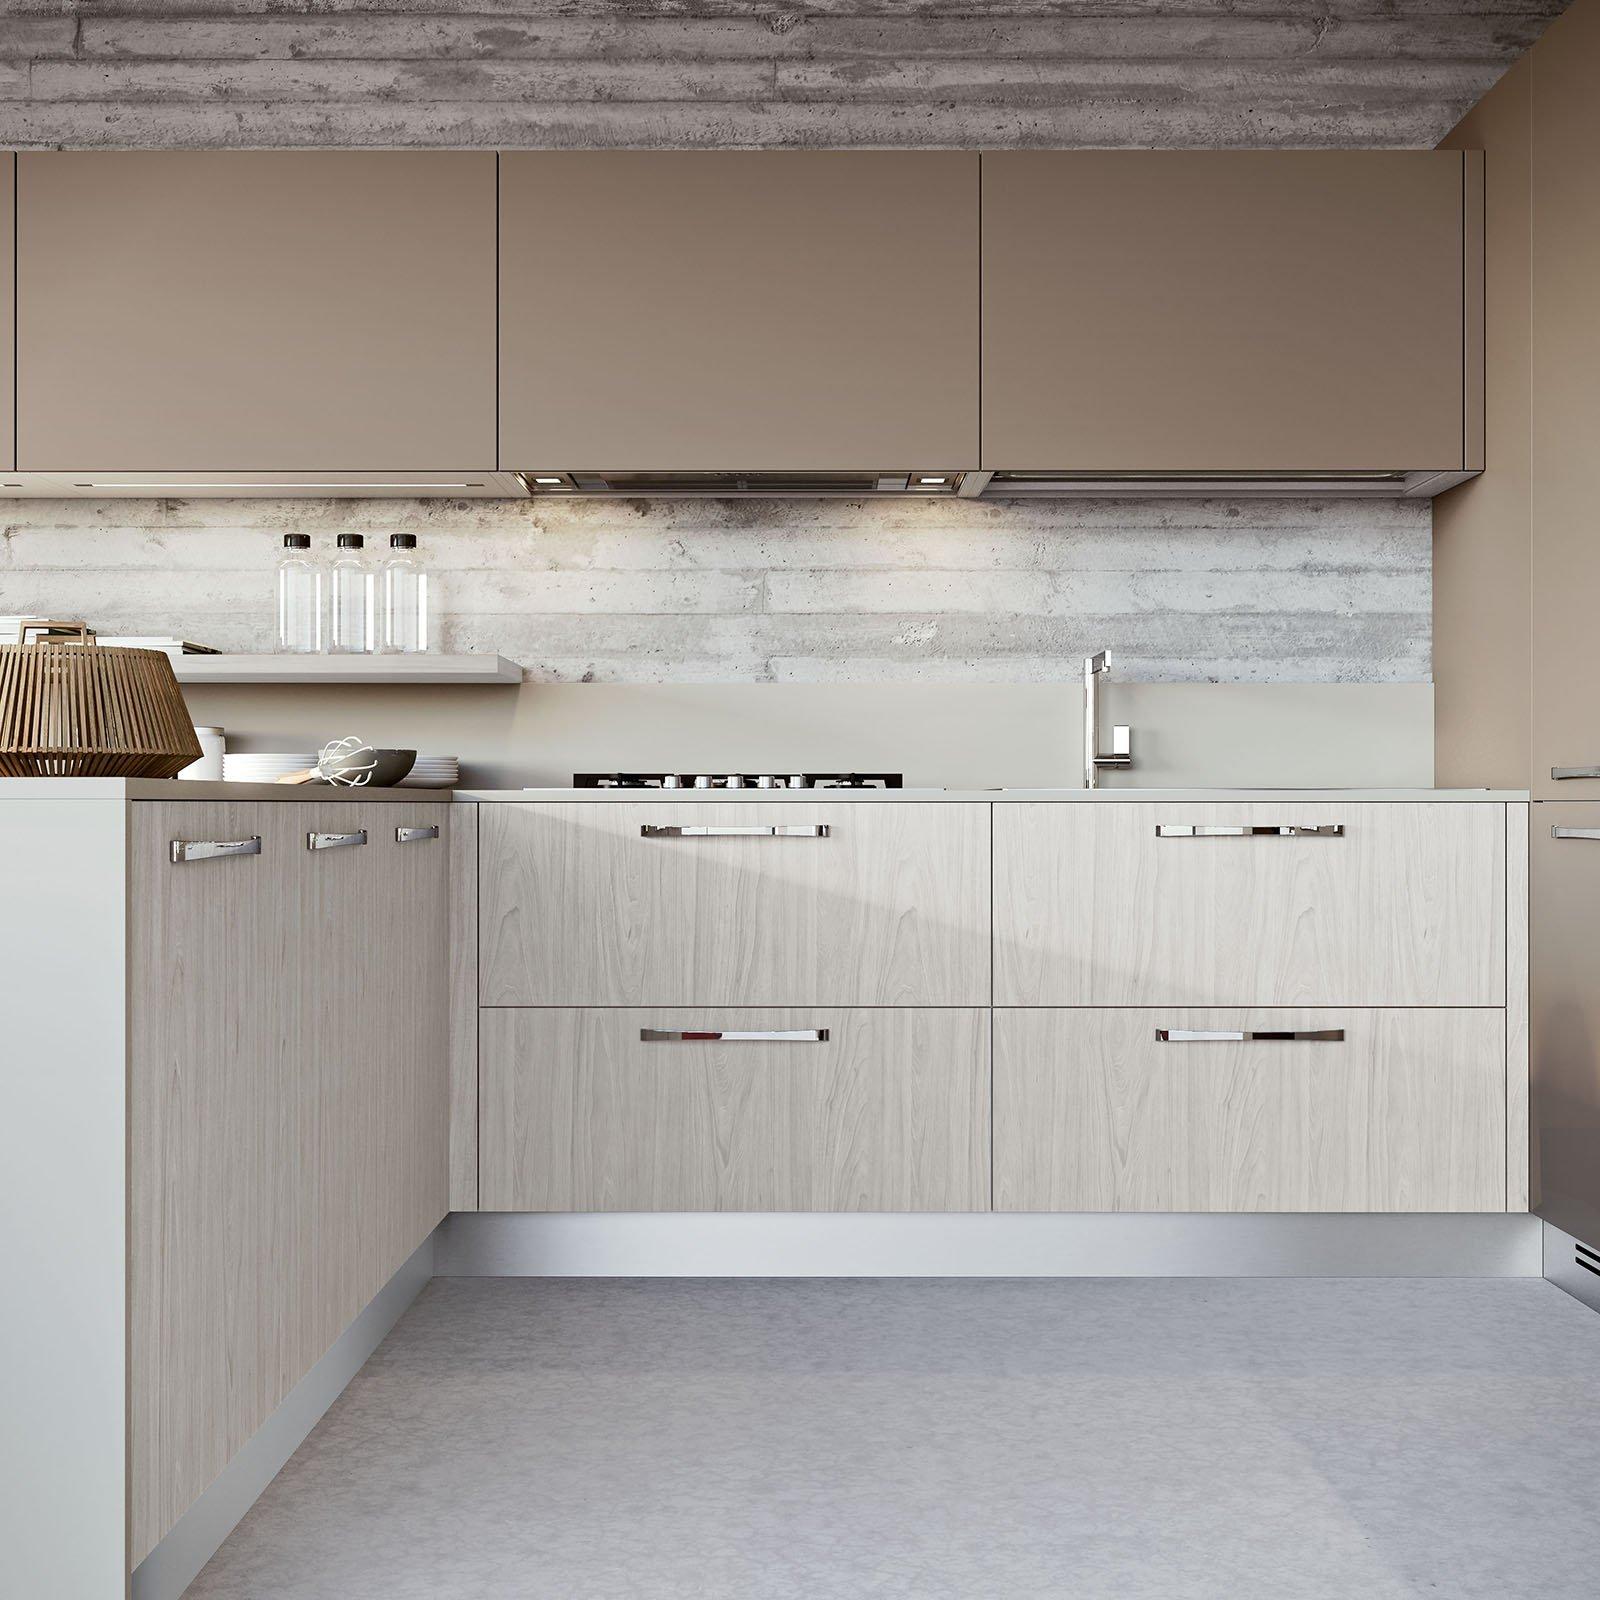 Cucina la luce nel punto giusto cose di casa for Cucina luna arredo3 prezzi